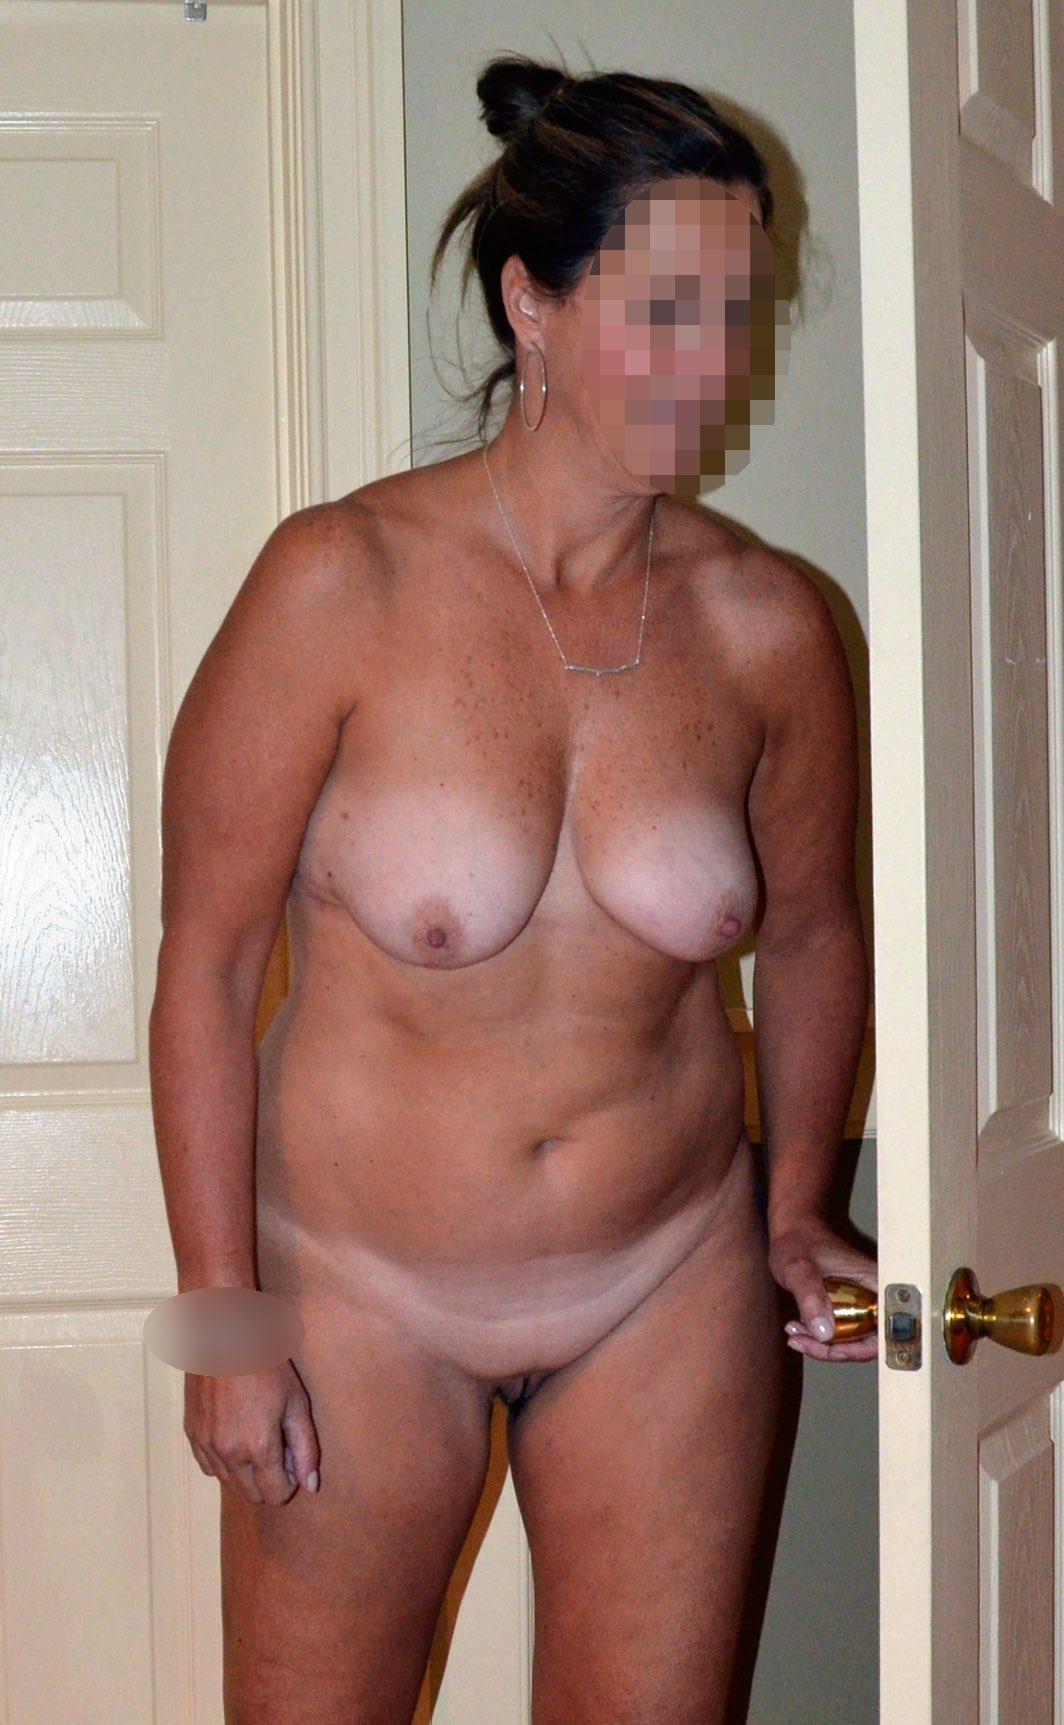 Une femme cougar montre ses petits seins